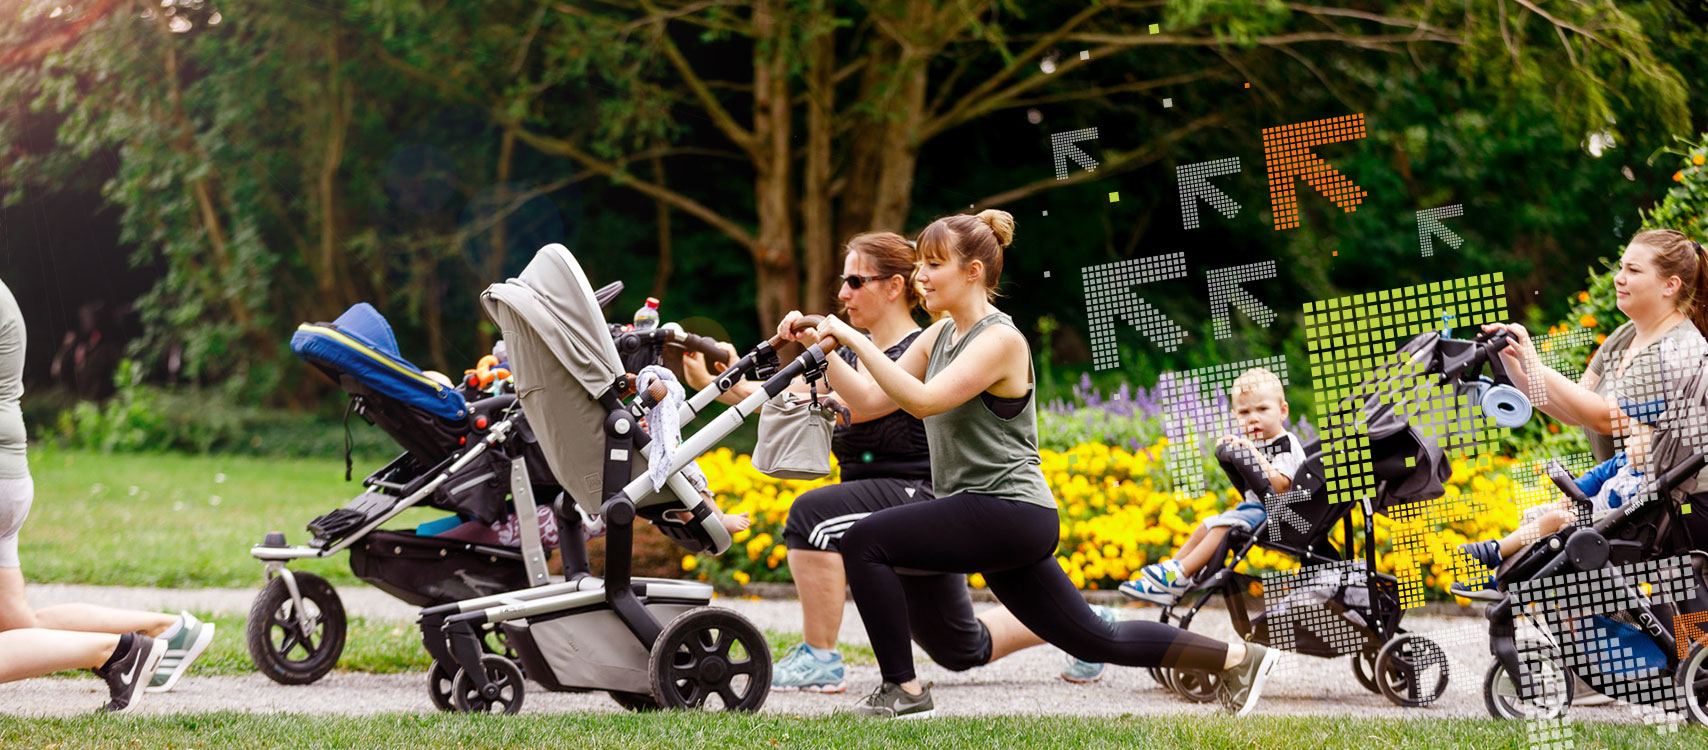 Buggyfit Frauen schieben den Kinderwagen und machen Fitness